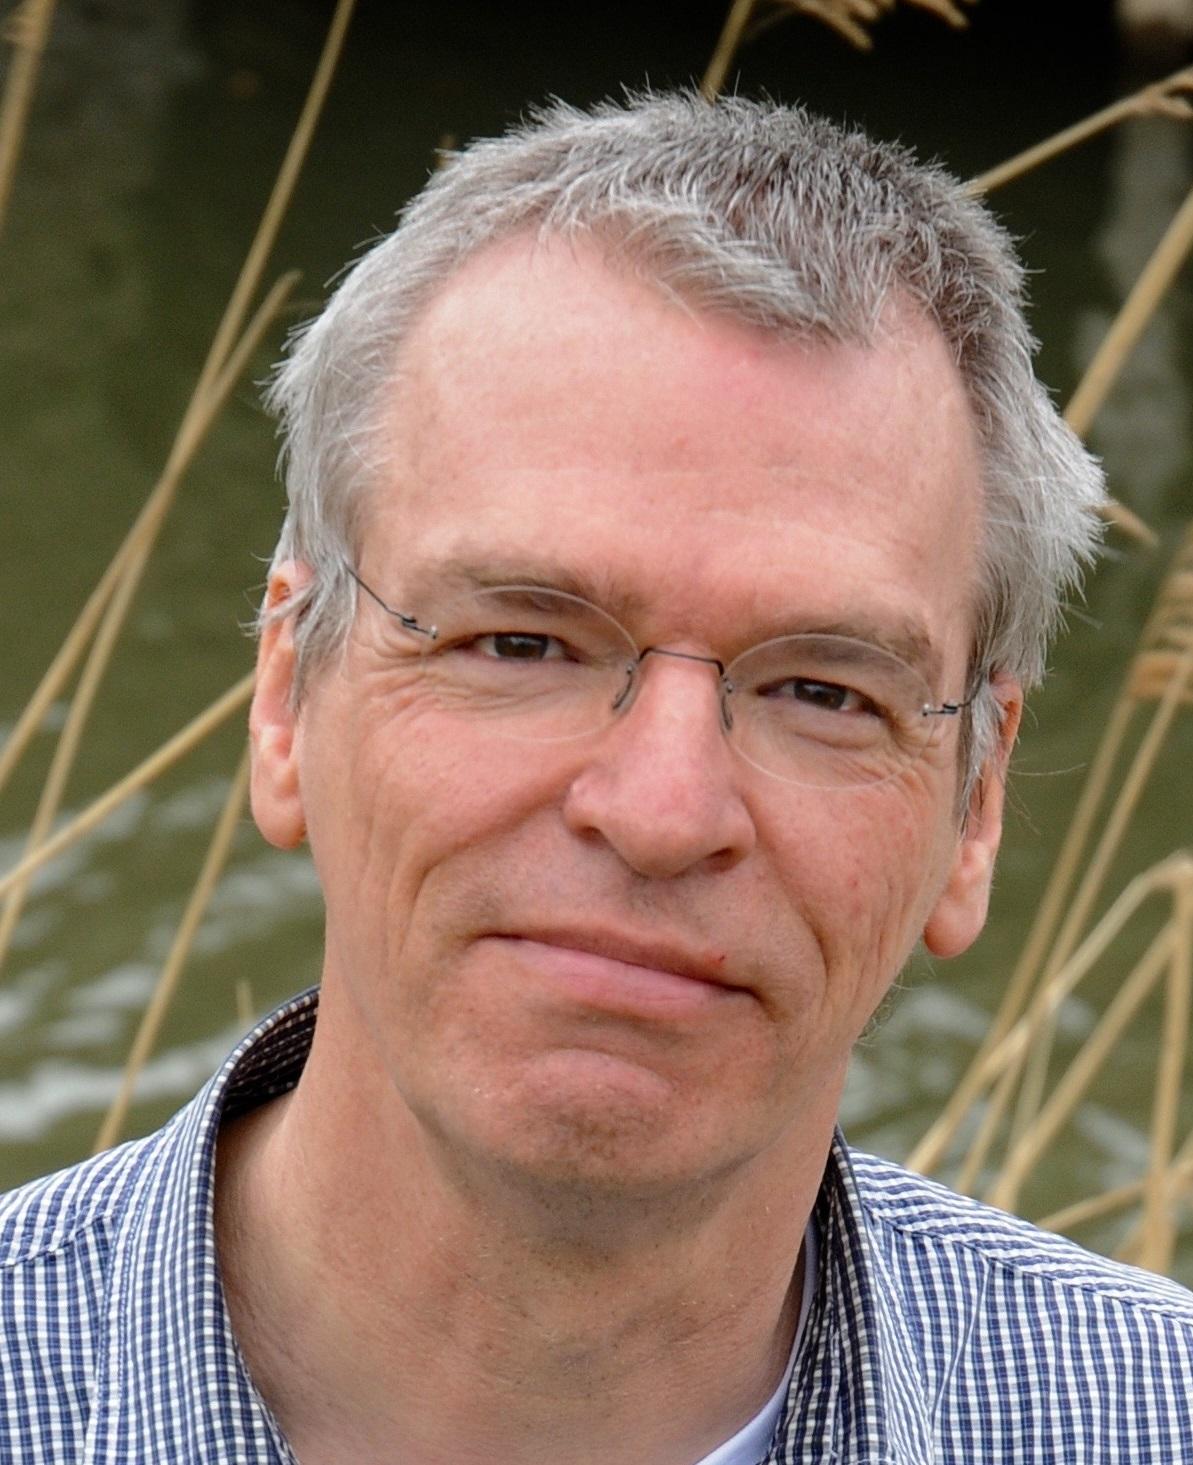 Van Bergen